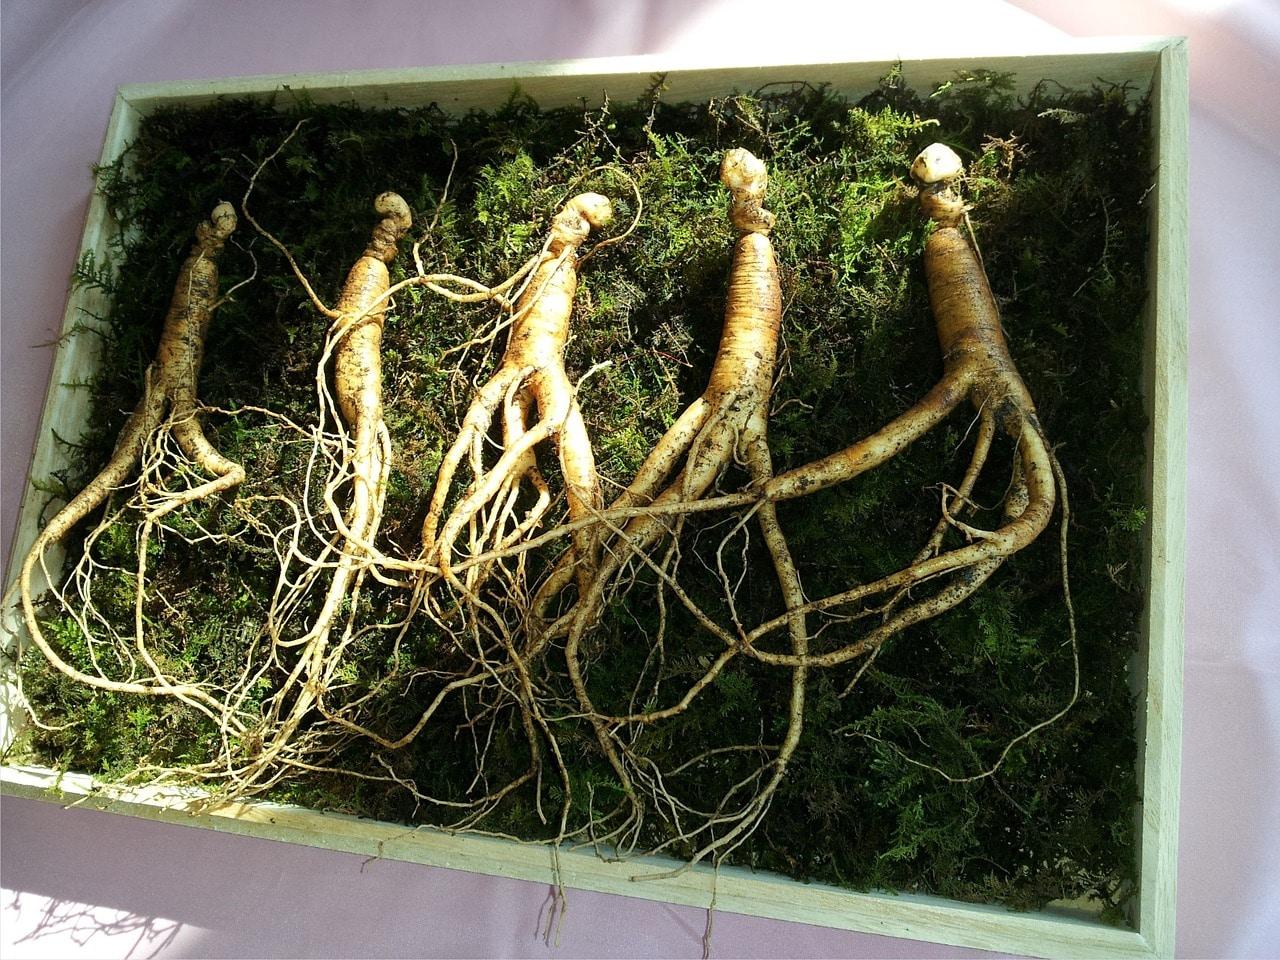 Ginseng herbs